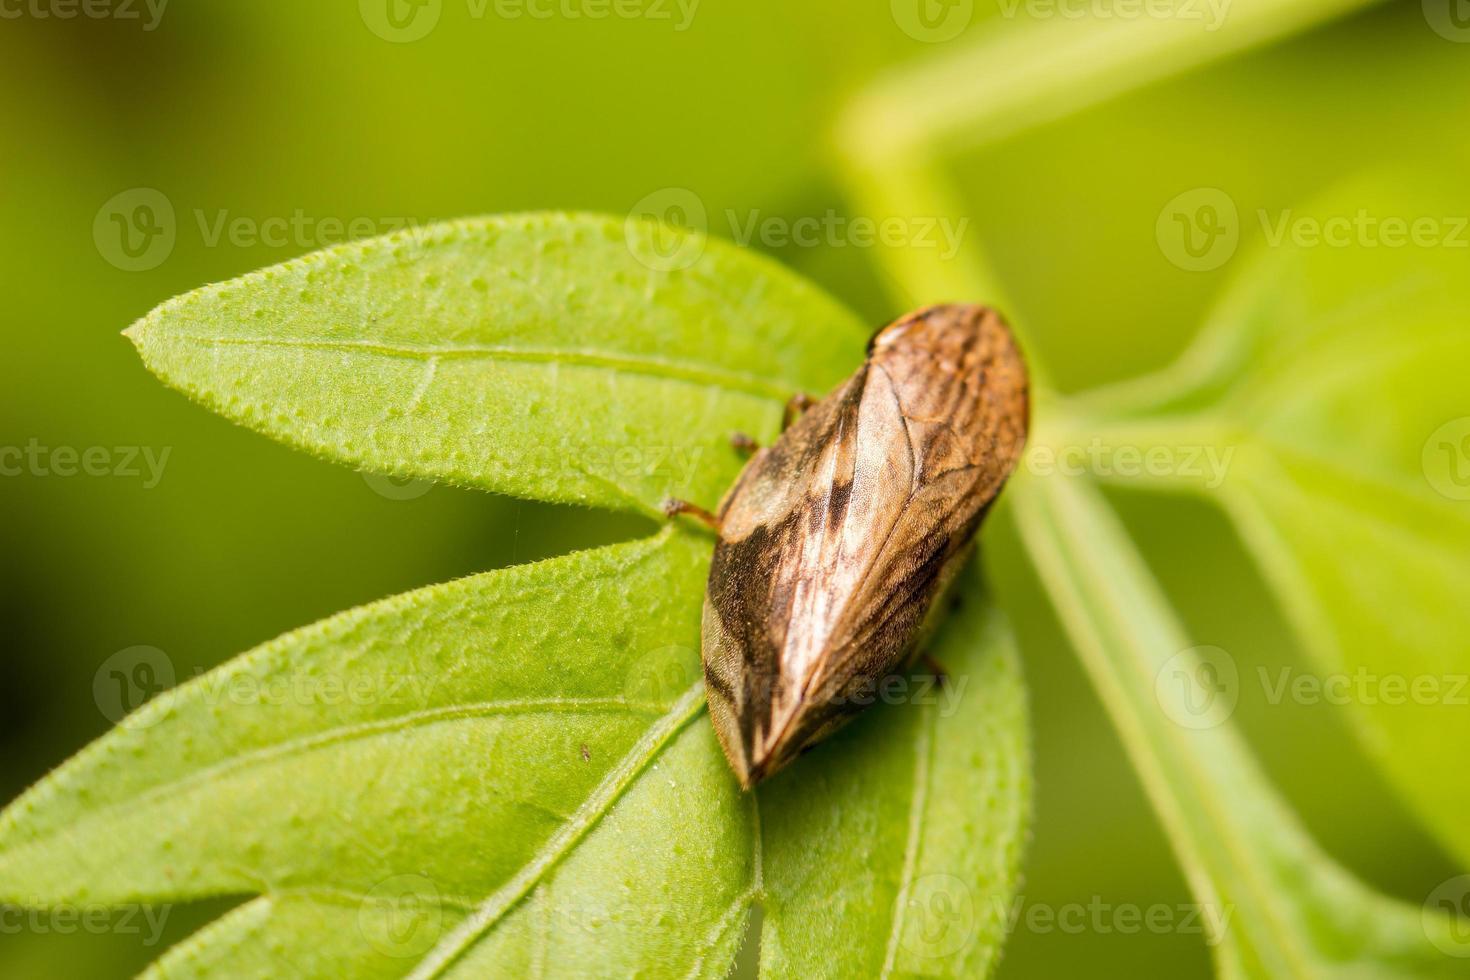 primer insecto en la naturaleza salvaje foto